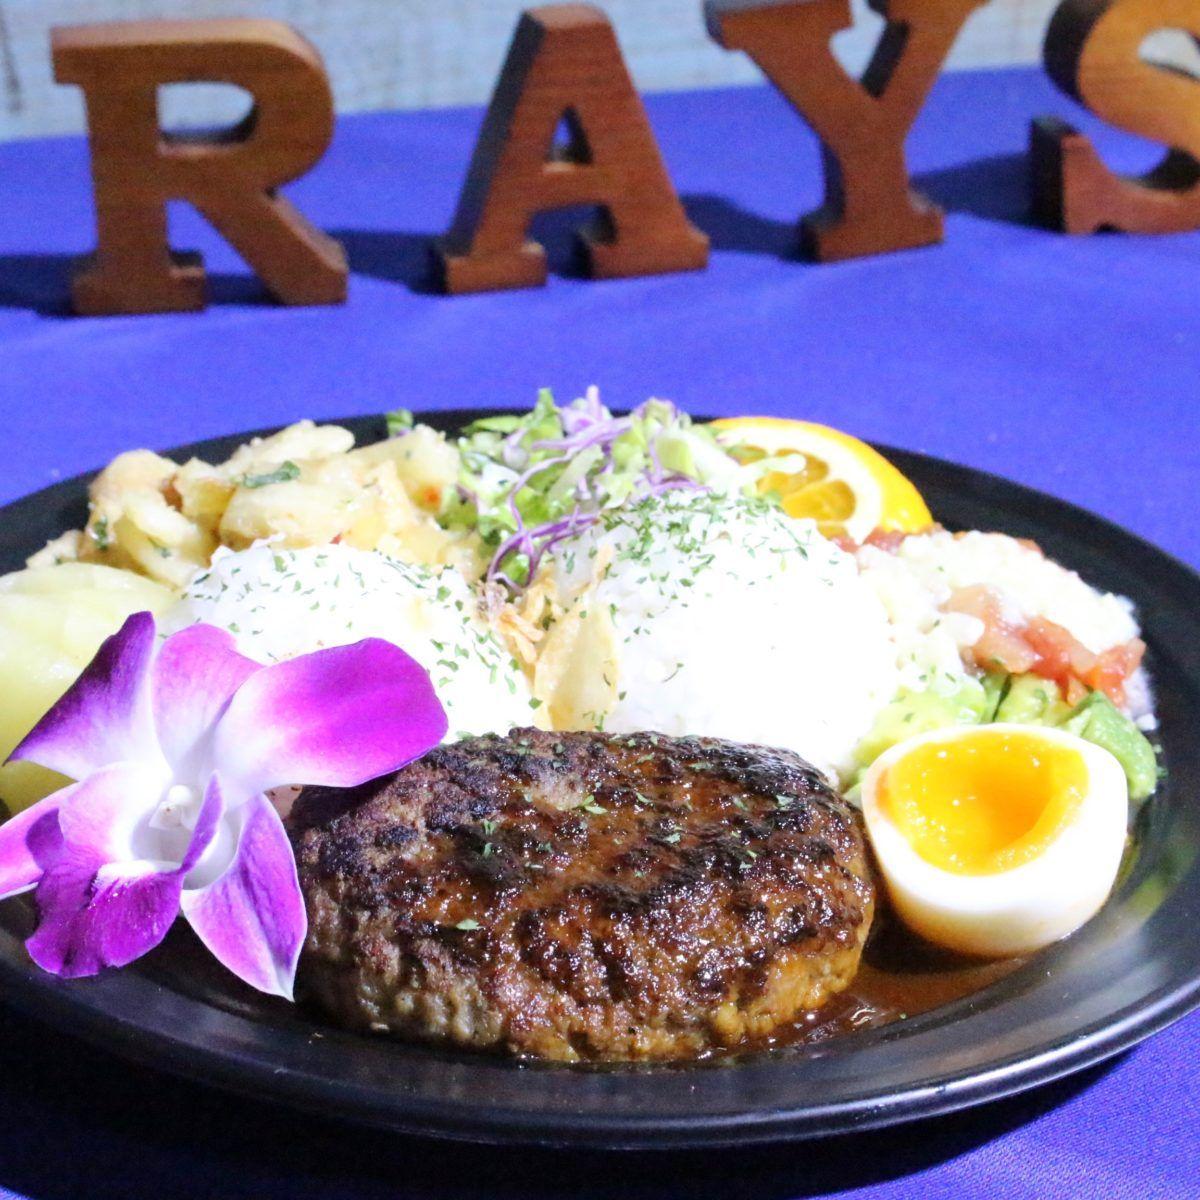 鎌倉駅から江ノ電で2駅。由比ガ浜のビーチに、ハワイで大人気のフリフリチキンの日本第1号店〈RAY'S ORIGINAL BROILED CHICKEN〉がオープン!食べられるのは7月1日(土)〜8月31日(木)までの期間限定!オープンに先立ち開催されたメディア内覧会での様子をレポートします。